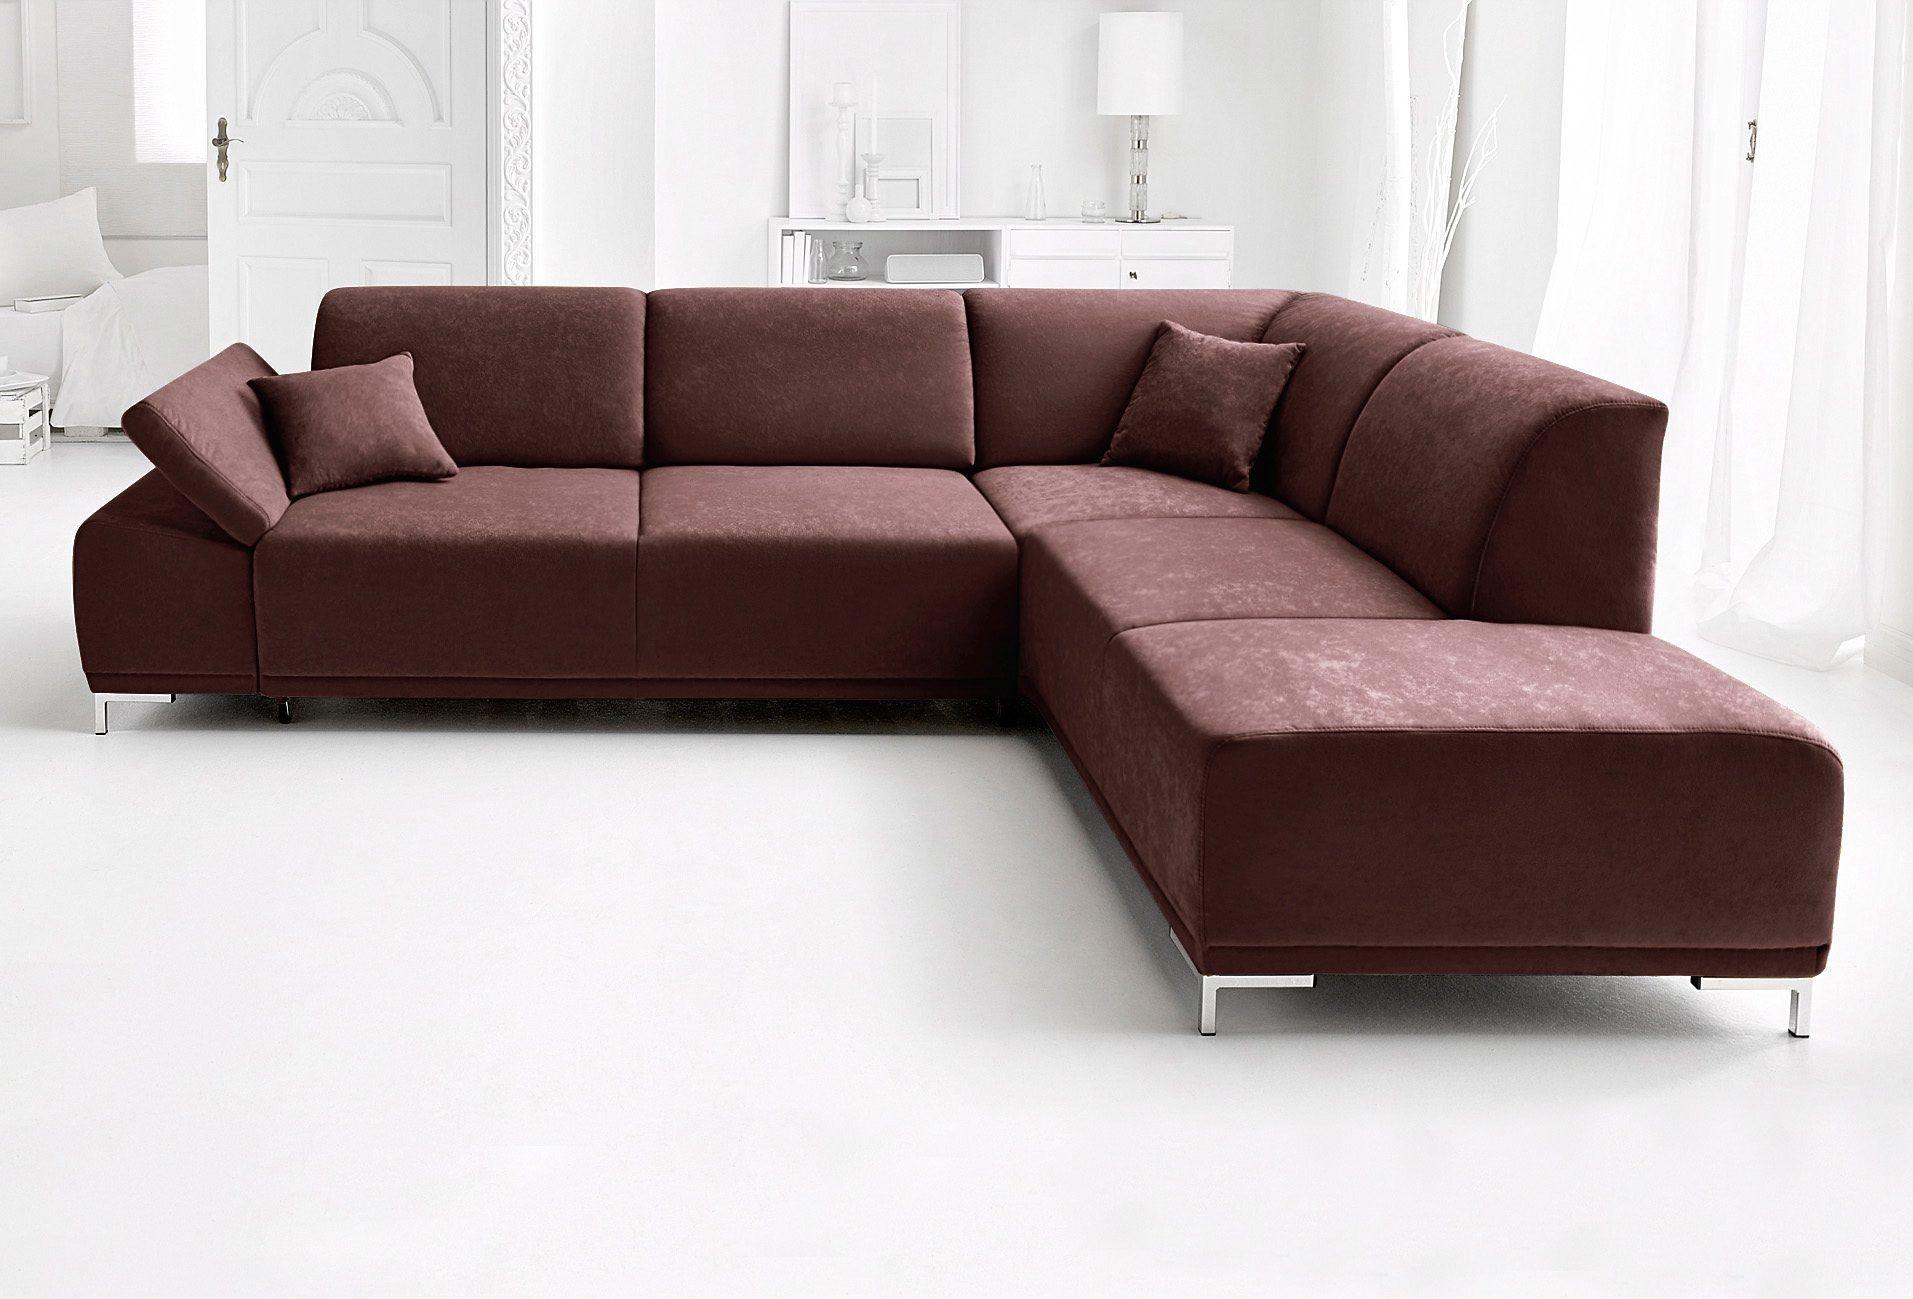 Wohnzimmer Garnituren ~ Polstergarnitur braun ottomane rechts fsc® zertifiziert